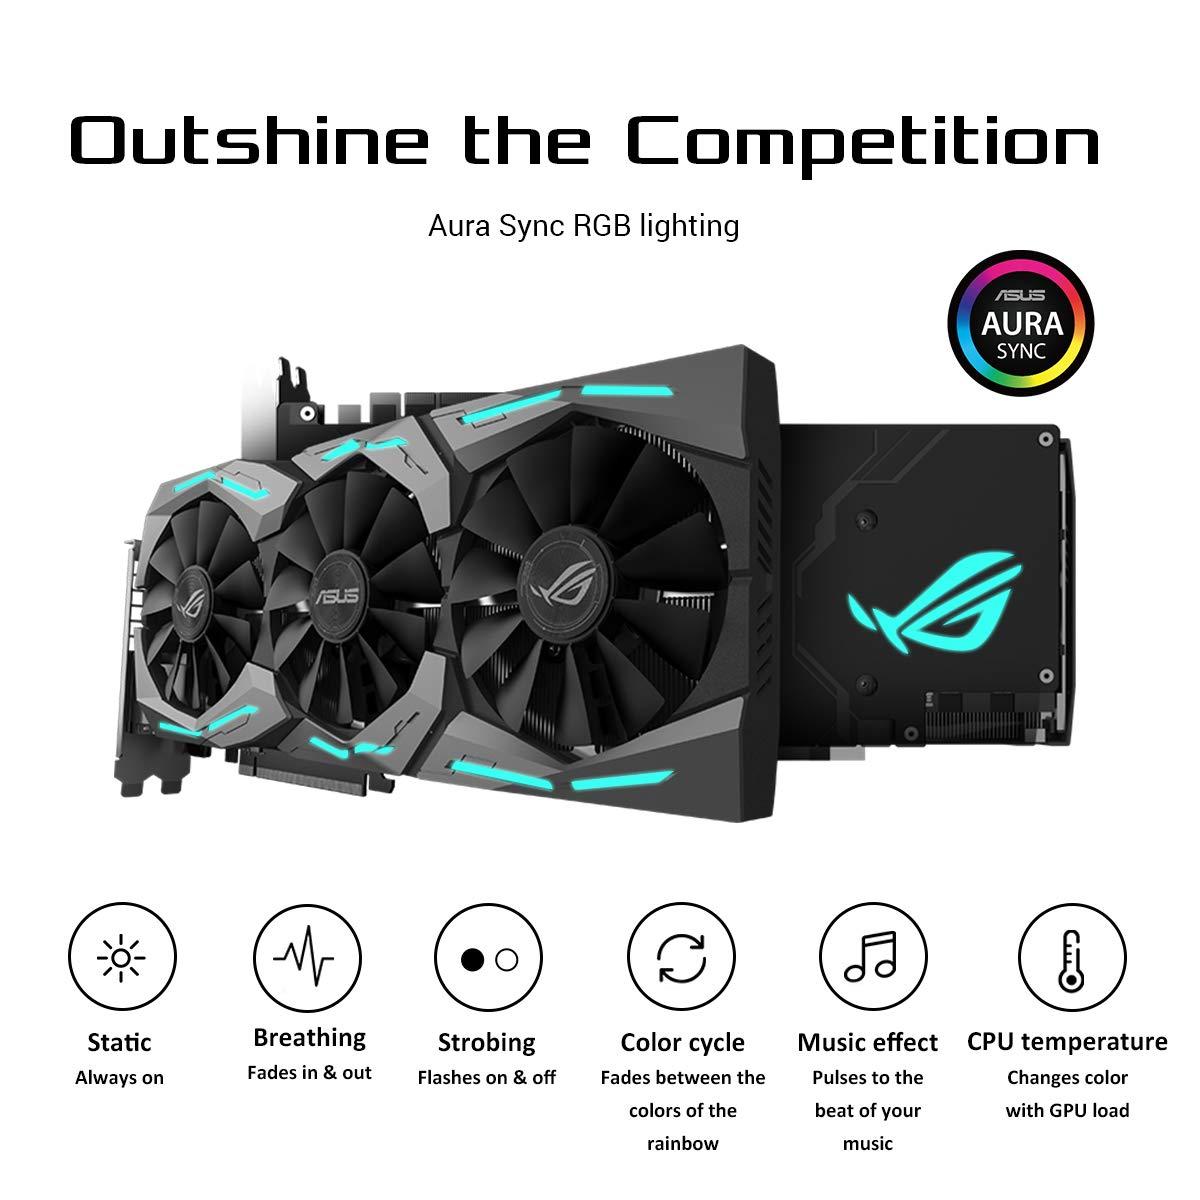 Asus Rog Strix Geforce Gtx 1070 Ti Advanced Edition 8GB Gddr5 With Aura  Sync RGB For Best Vr & 4K Gaming